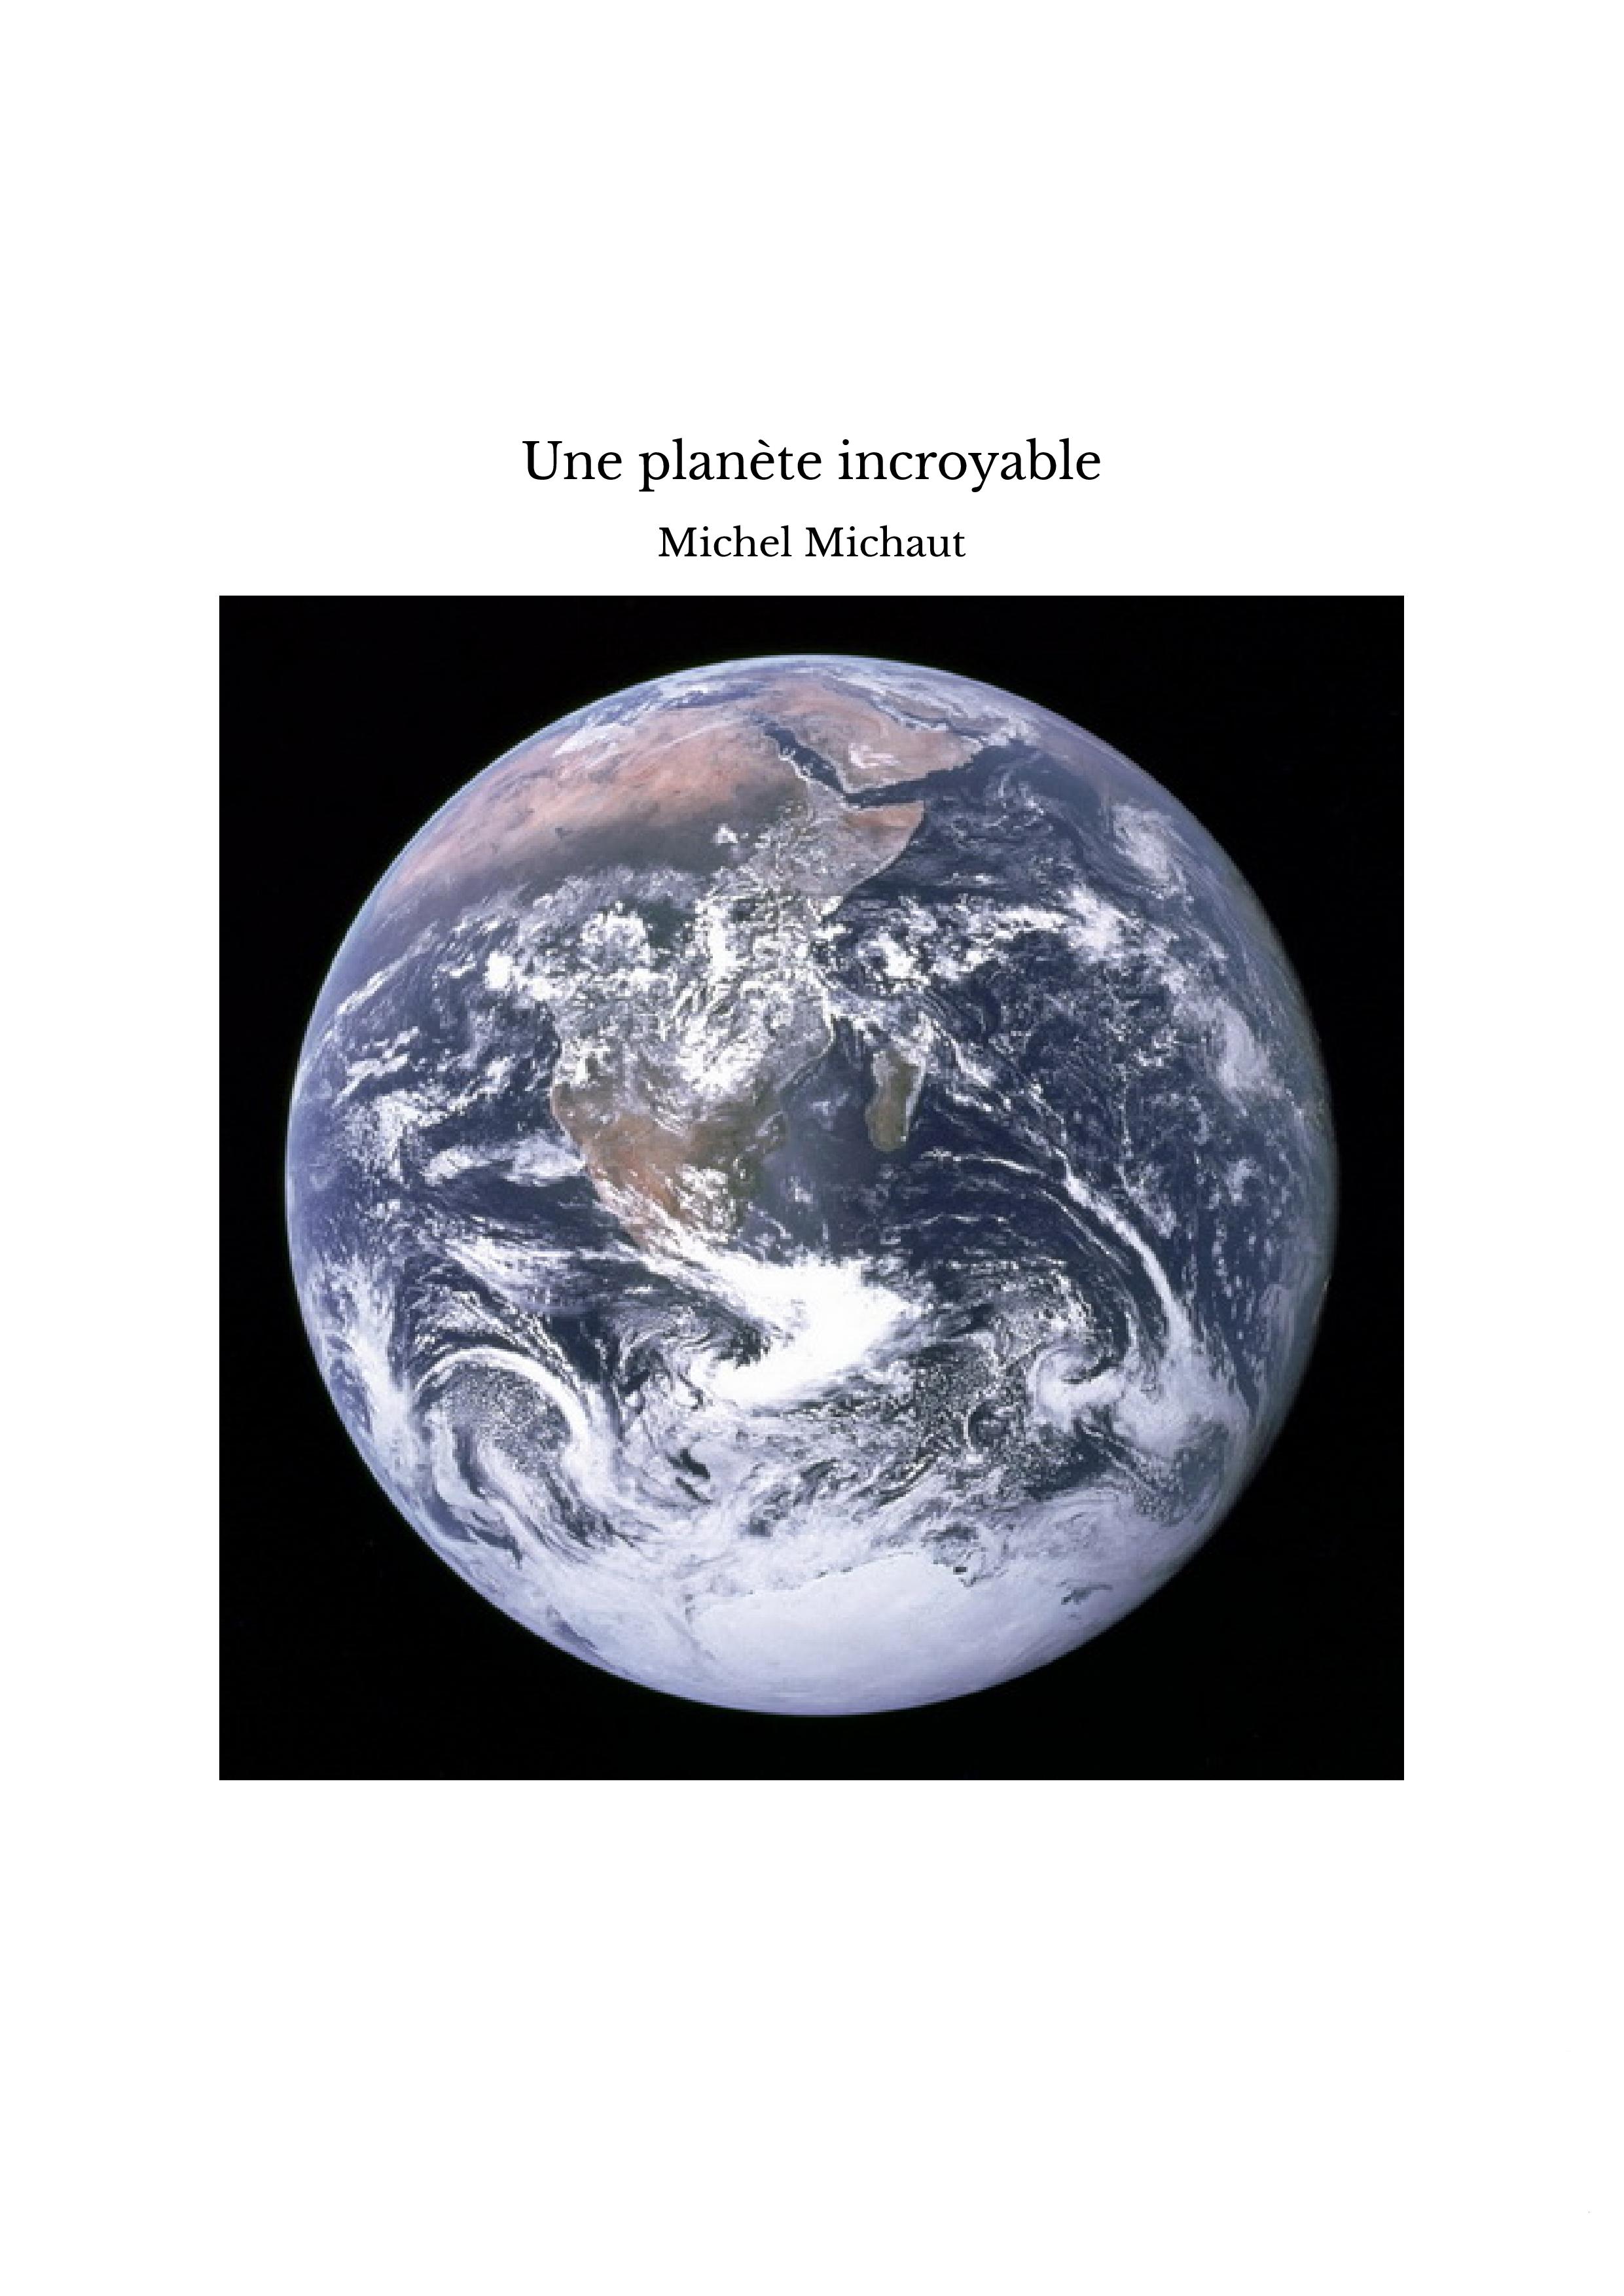 Une planète incroyable